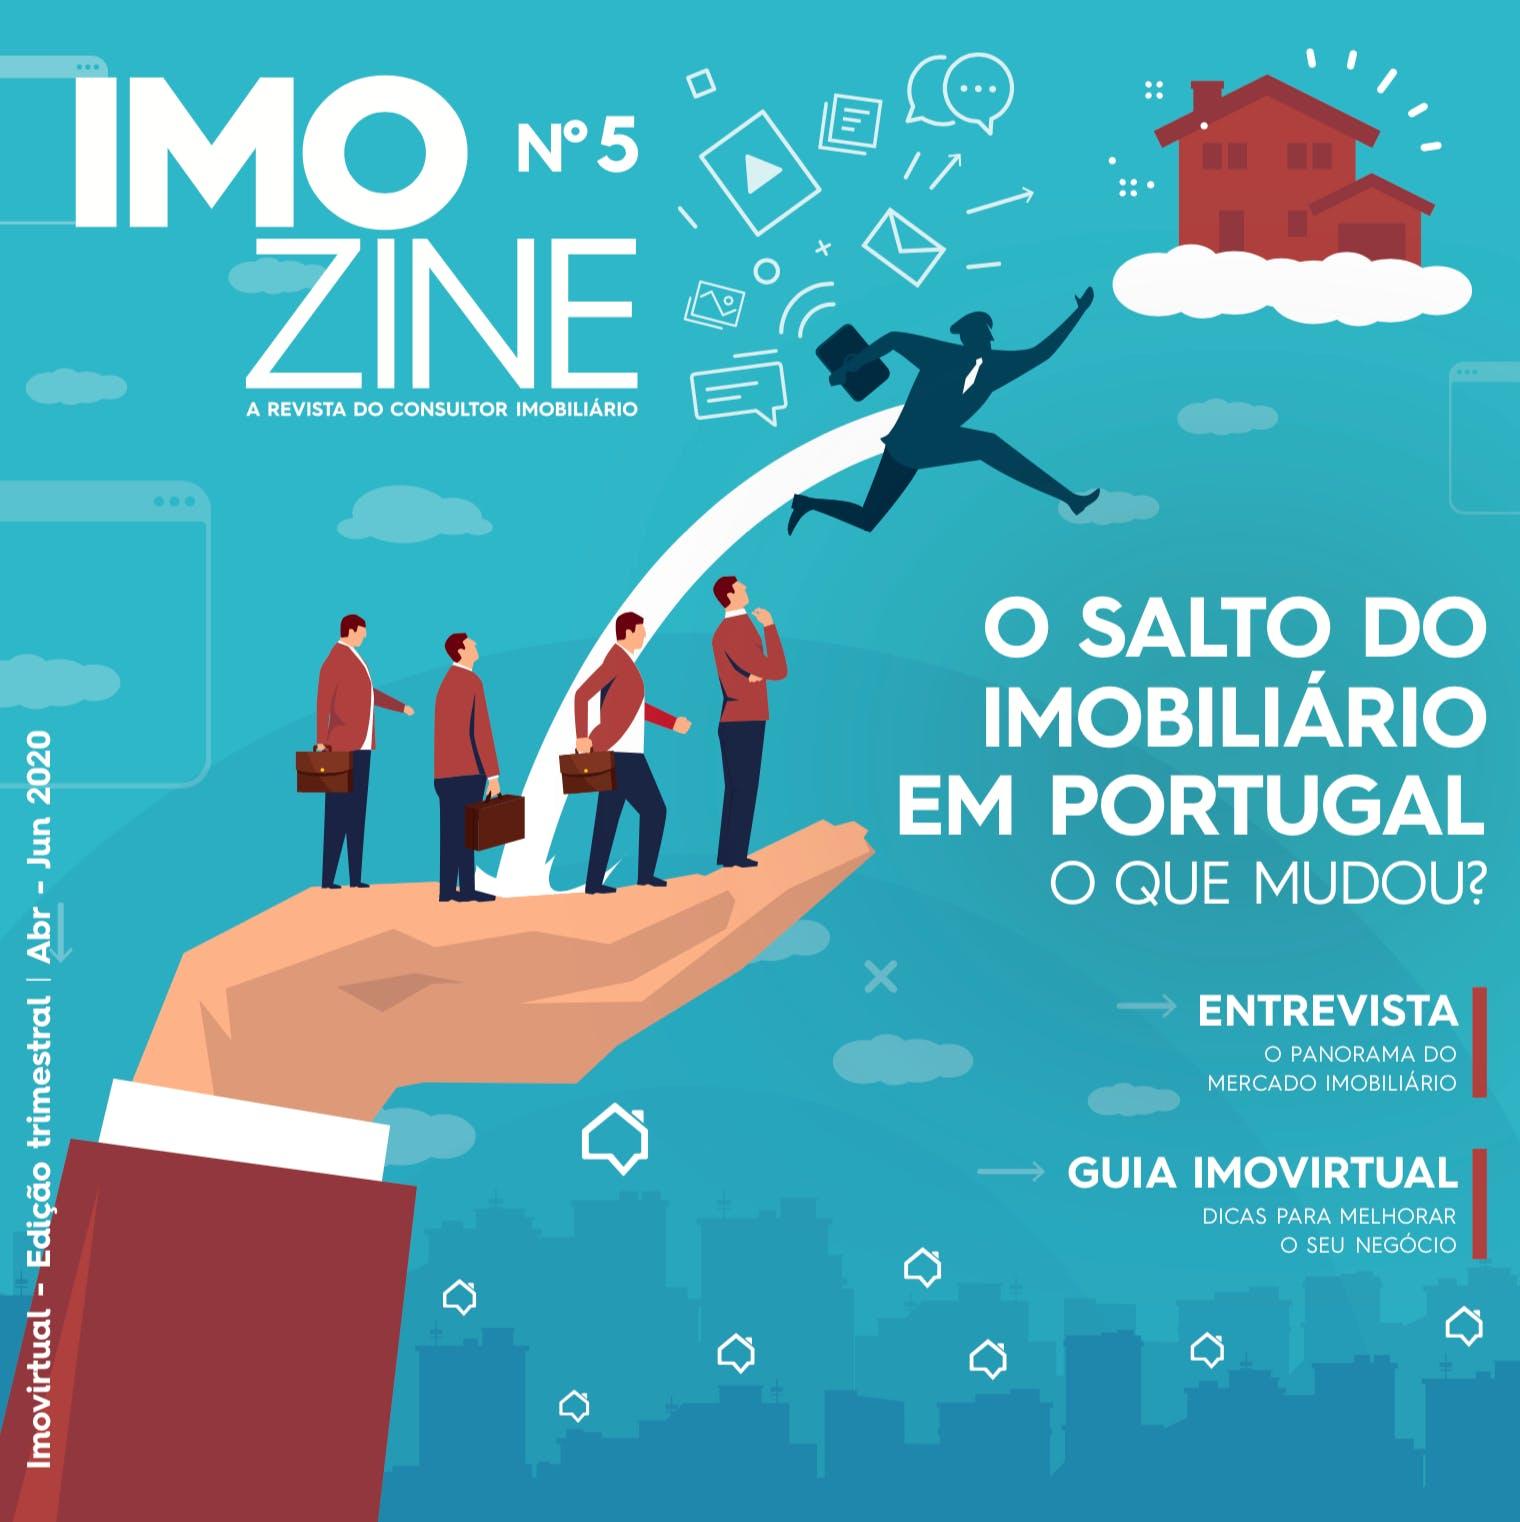 IMOZINE: A Revista do Consultor Imobiliário em versão digital!